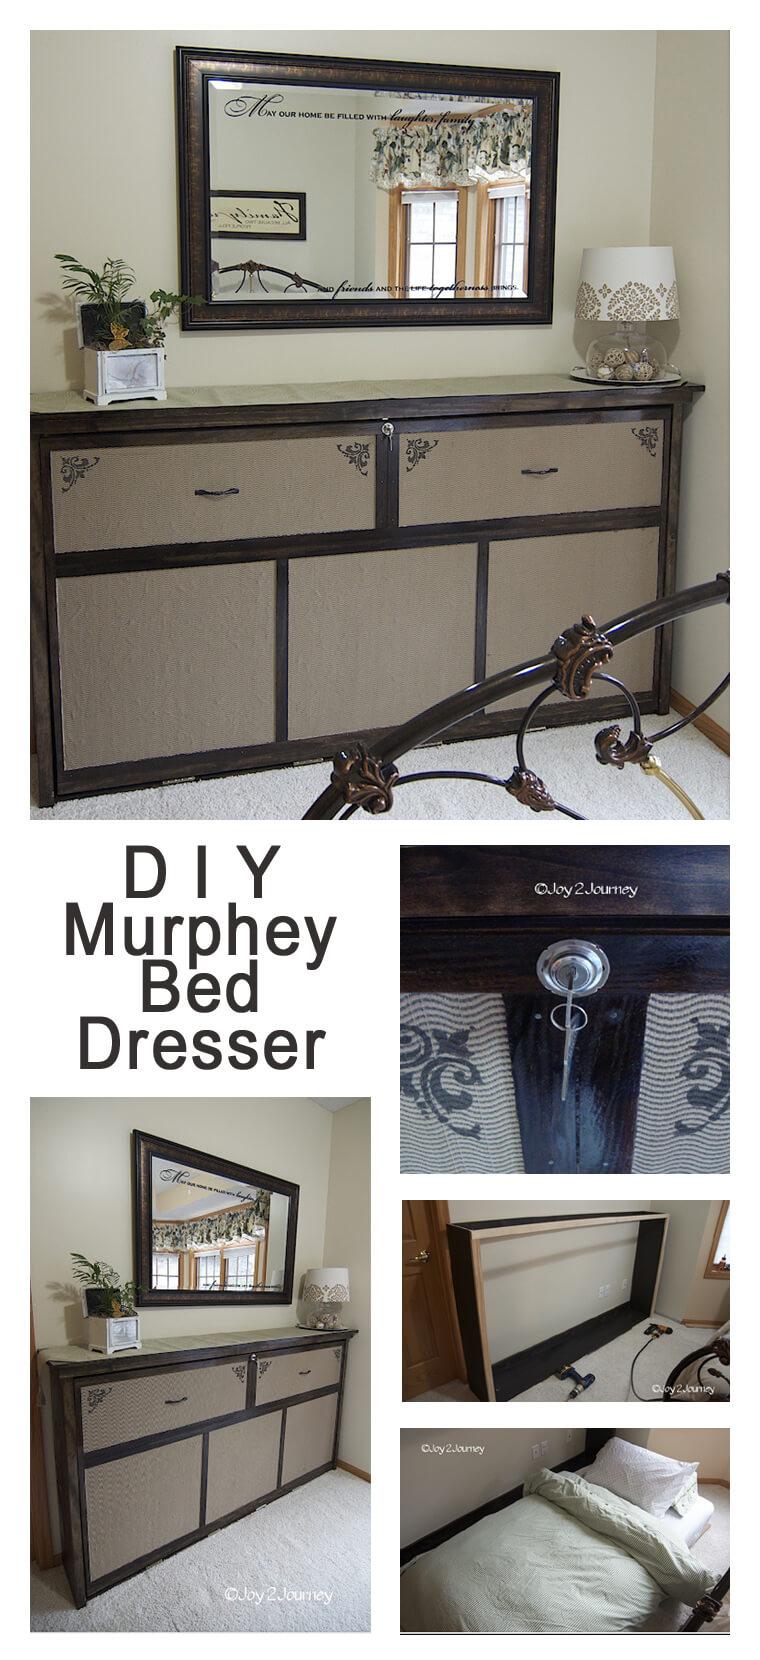 Die 18 besten DIY Murphy Bed Ideen, um Ihren Raum zu maximieren